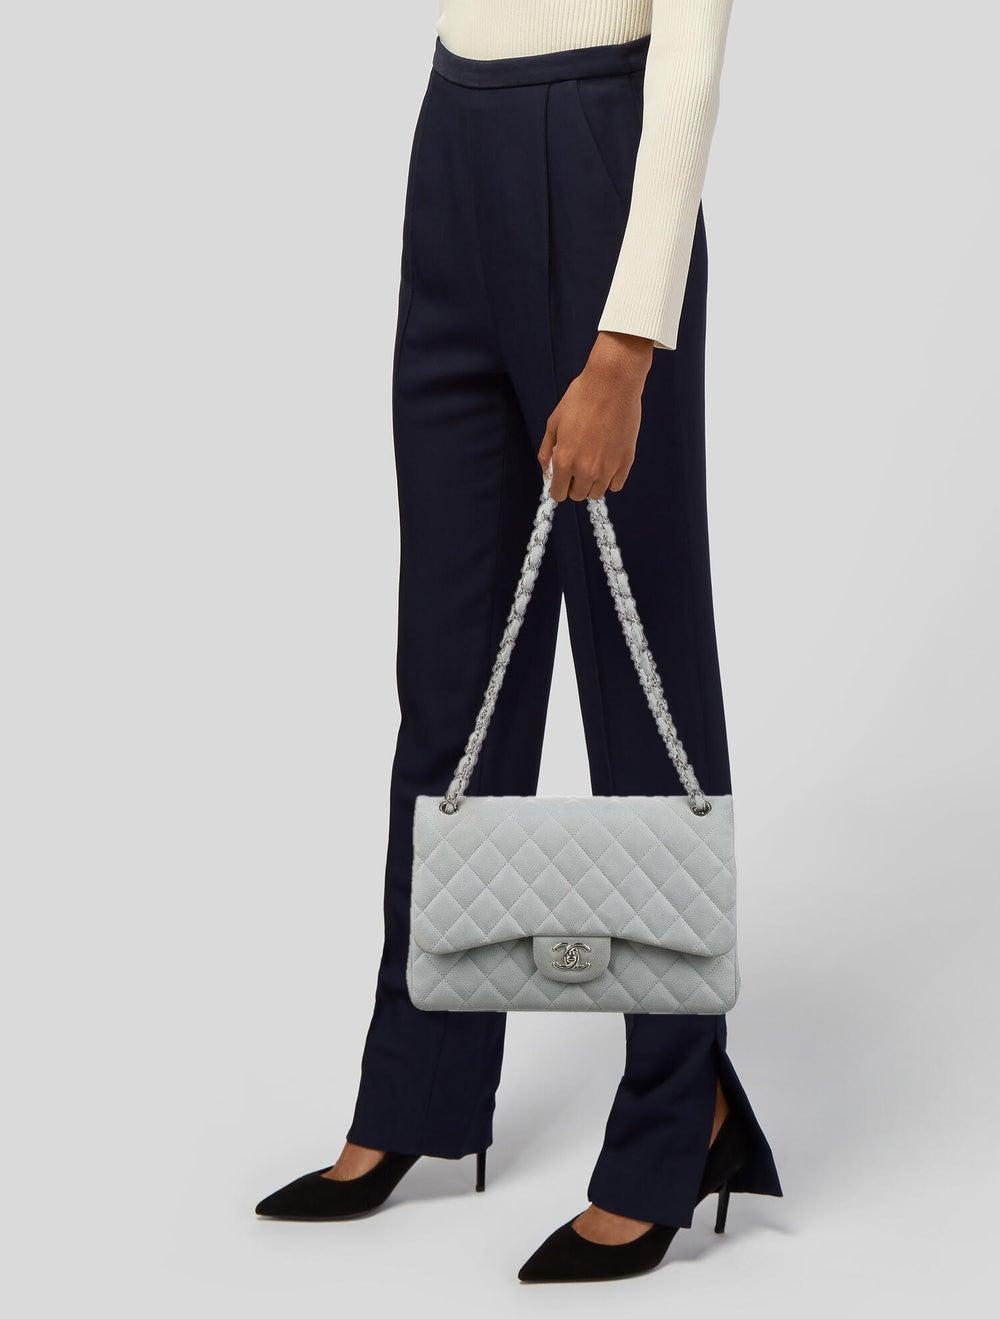 Chanel Classic Jumbo Double Flap Bag Blue - image 2